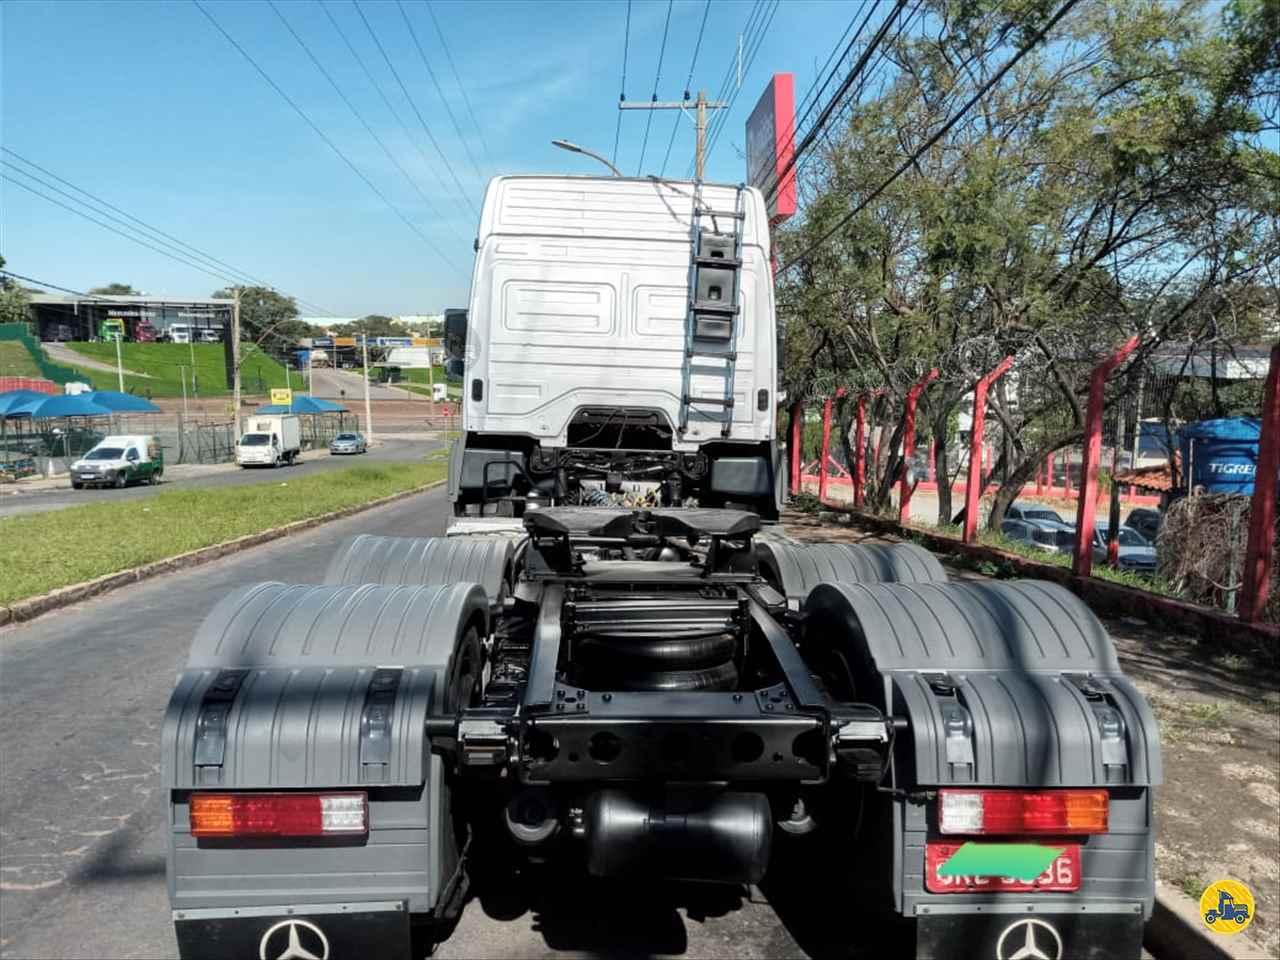 MERCEDES-BENZ MB 2544 567km 2013/2013 Caminhões Certos